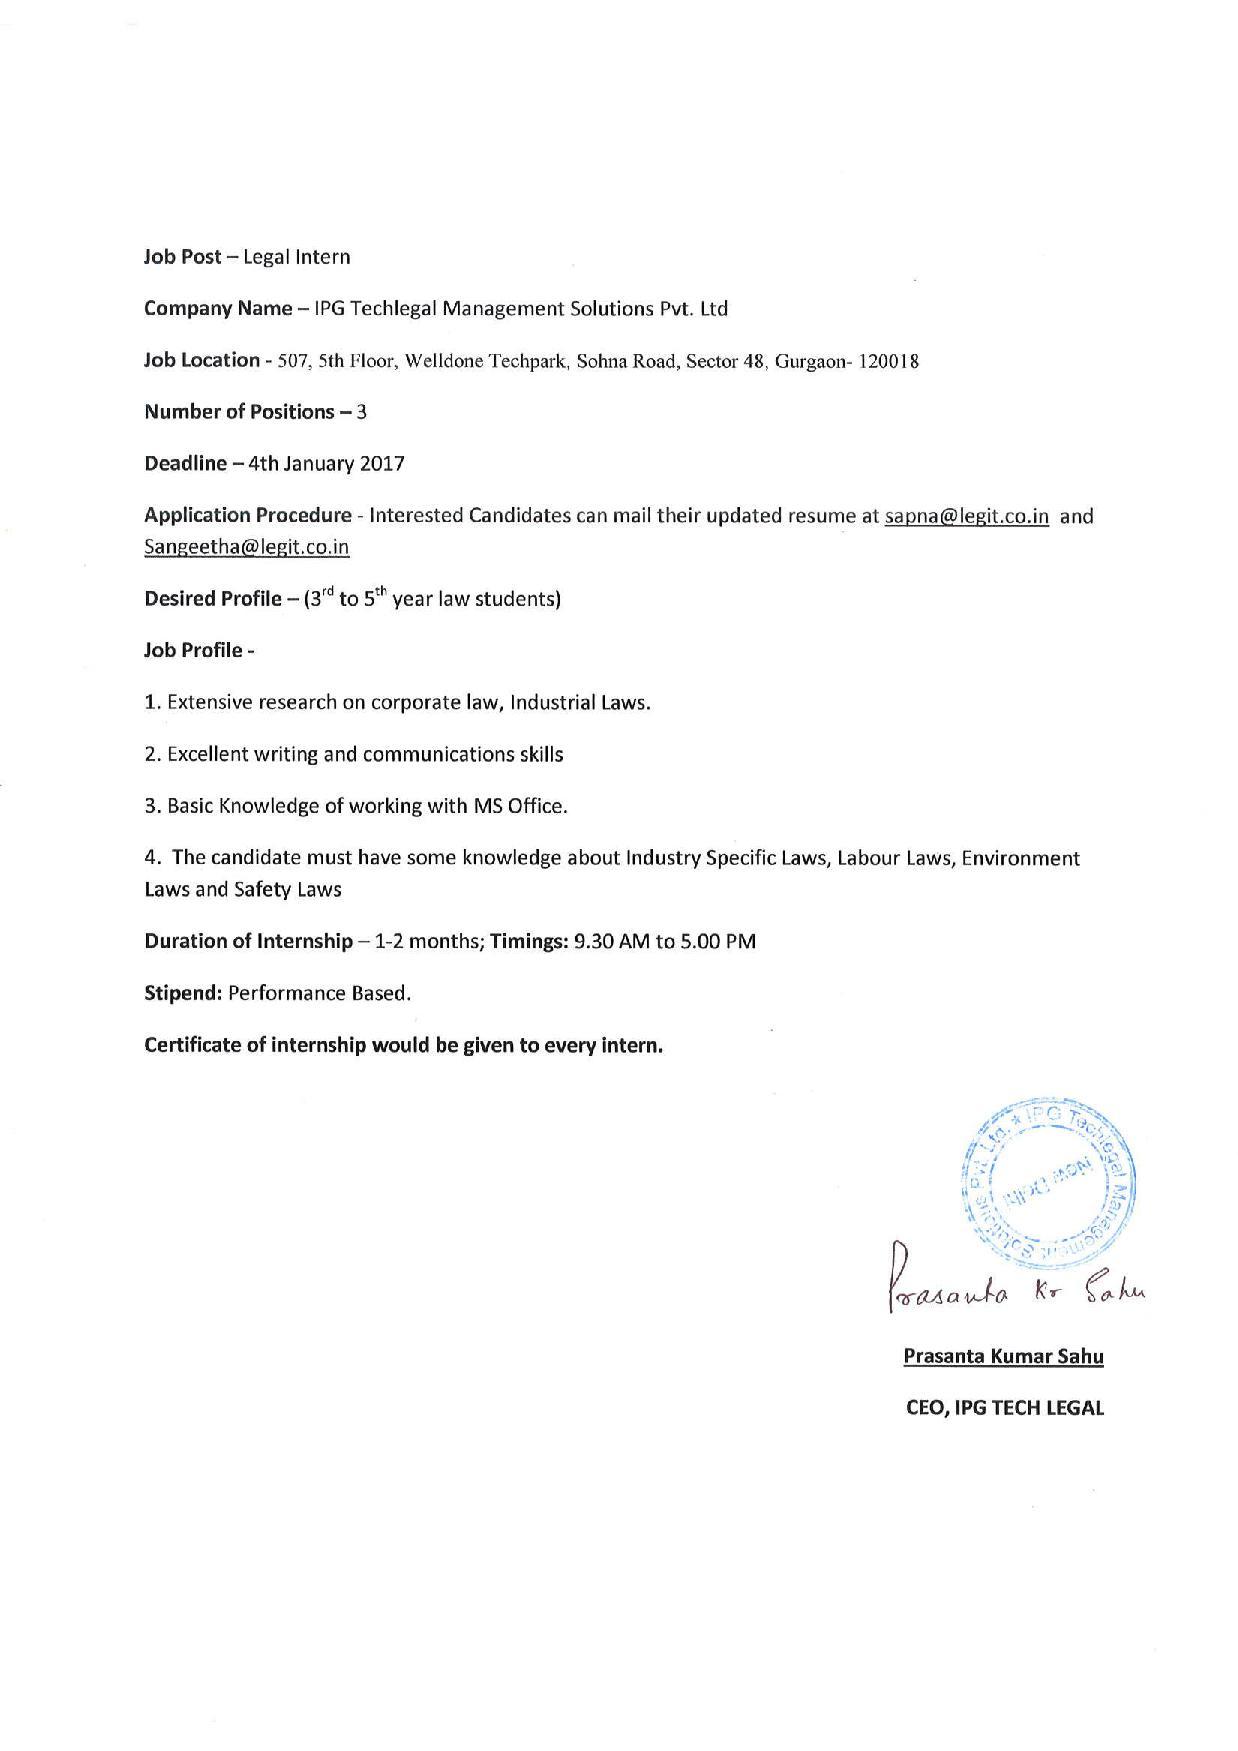 Internship IPG Techlegal, Gurgaon